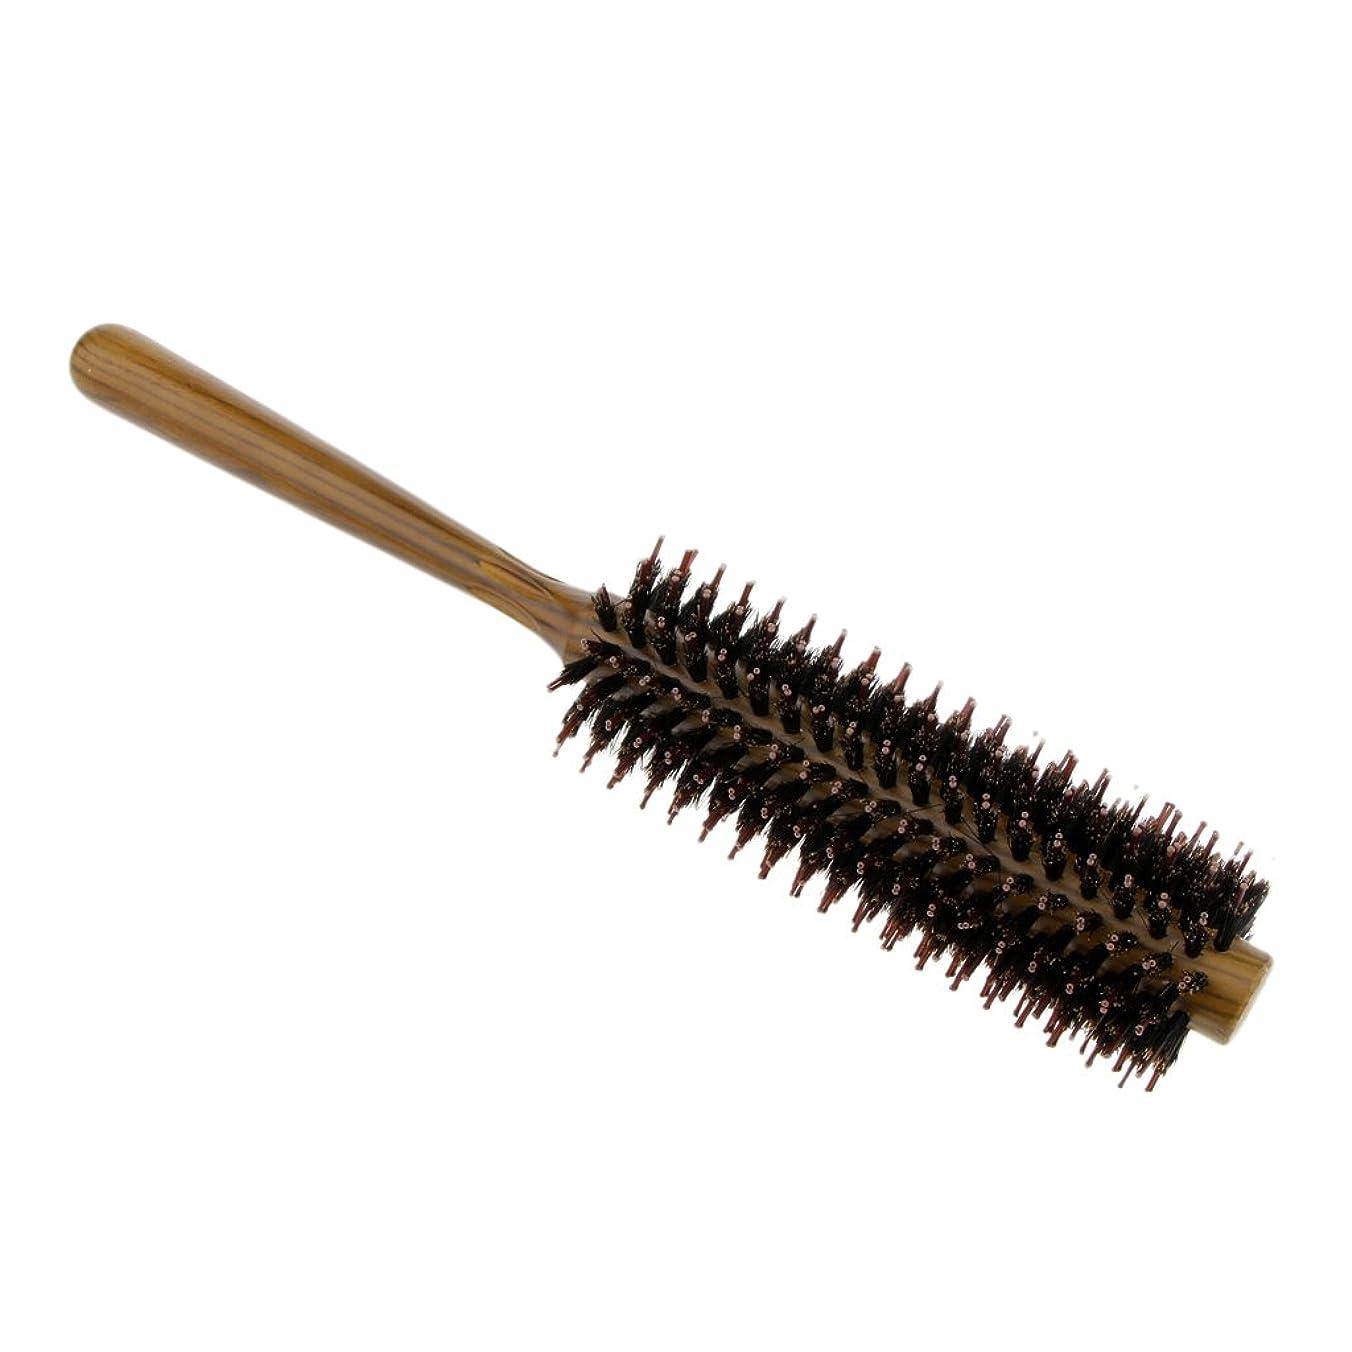 密度提唱する病気Perfk 3サイズ選べる ロールブラシ ヘアブラシ コーム 櫛 ヘアスタイリング 耐熱仕様 カール 巻き髪 便利 頭皮マッサージ - S